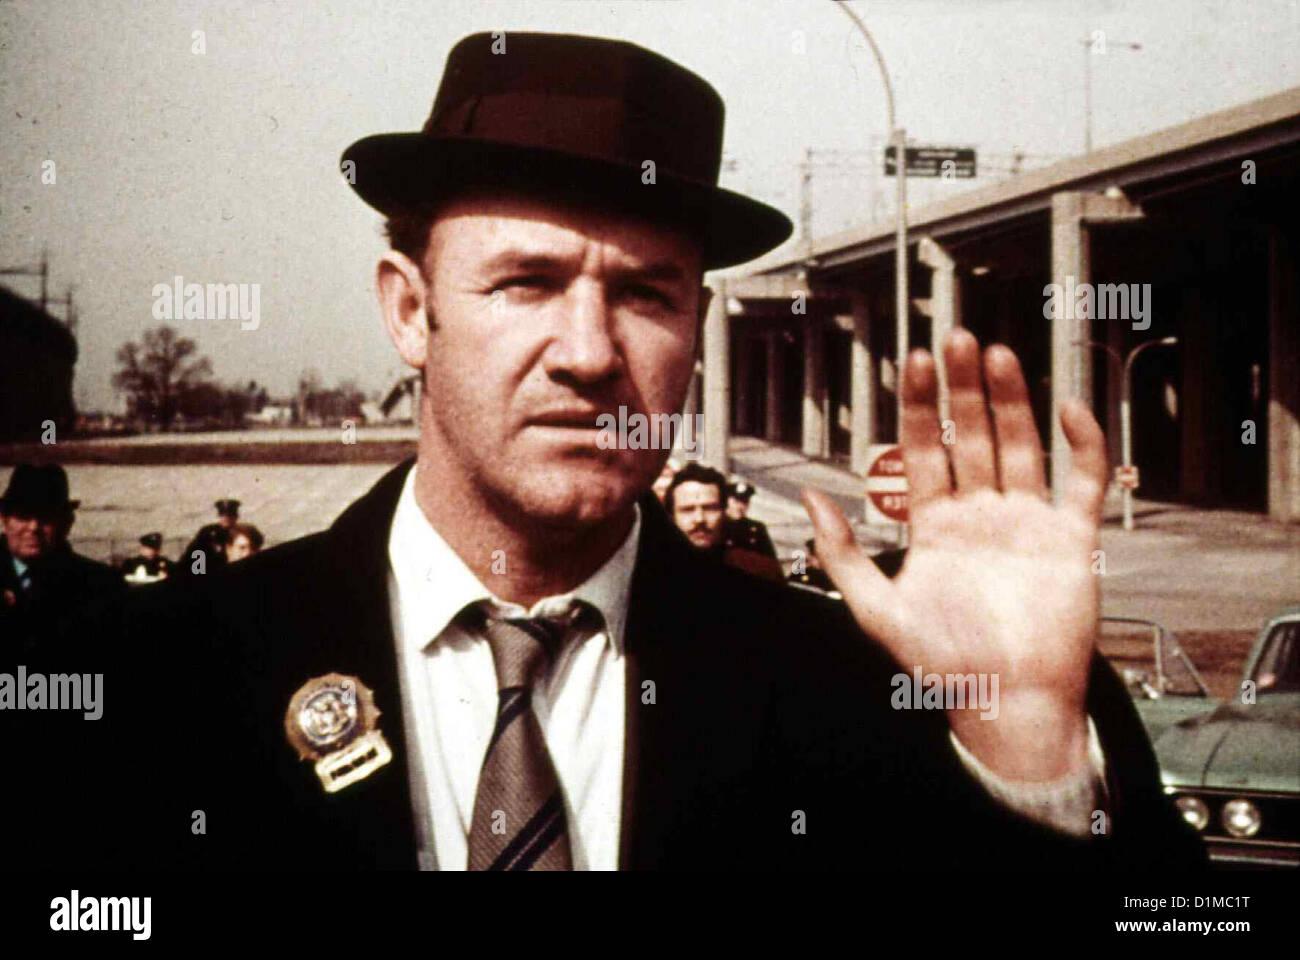 1ccf1a03988 French Connection French Connection, Gene Hackman Seine Recherchen bringen  Jimmy Doyle (Gene Hackman)